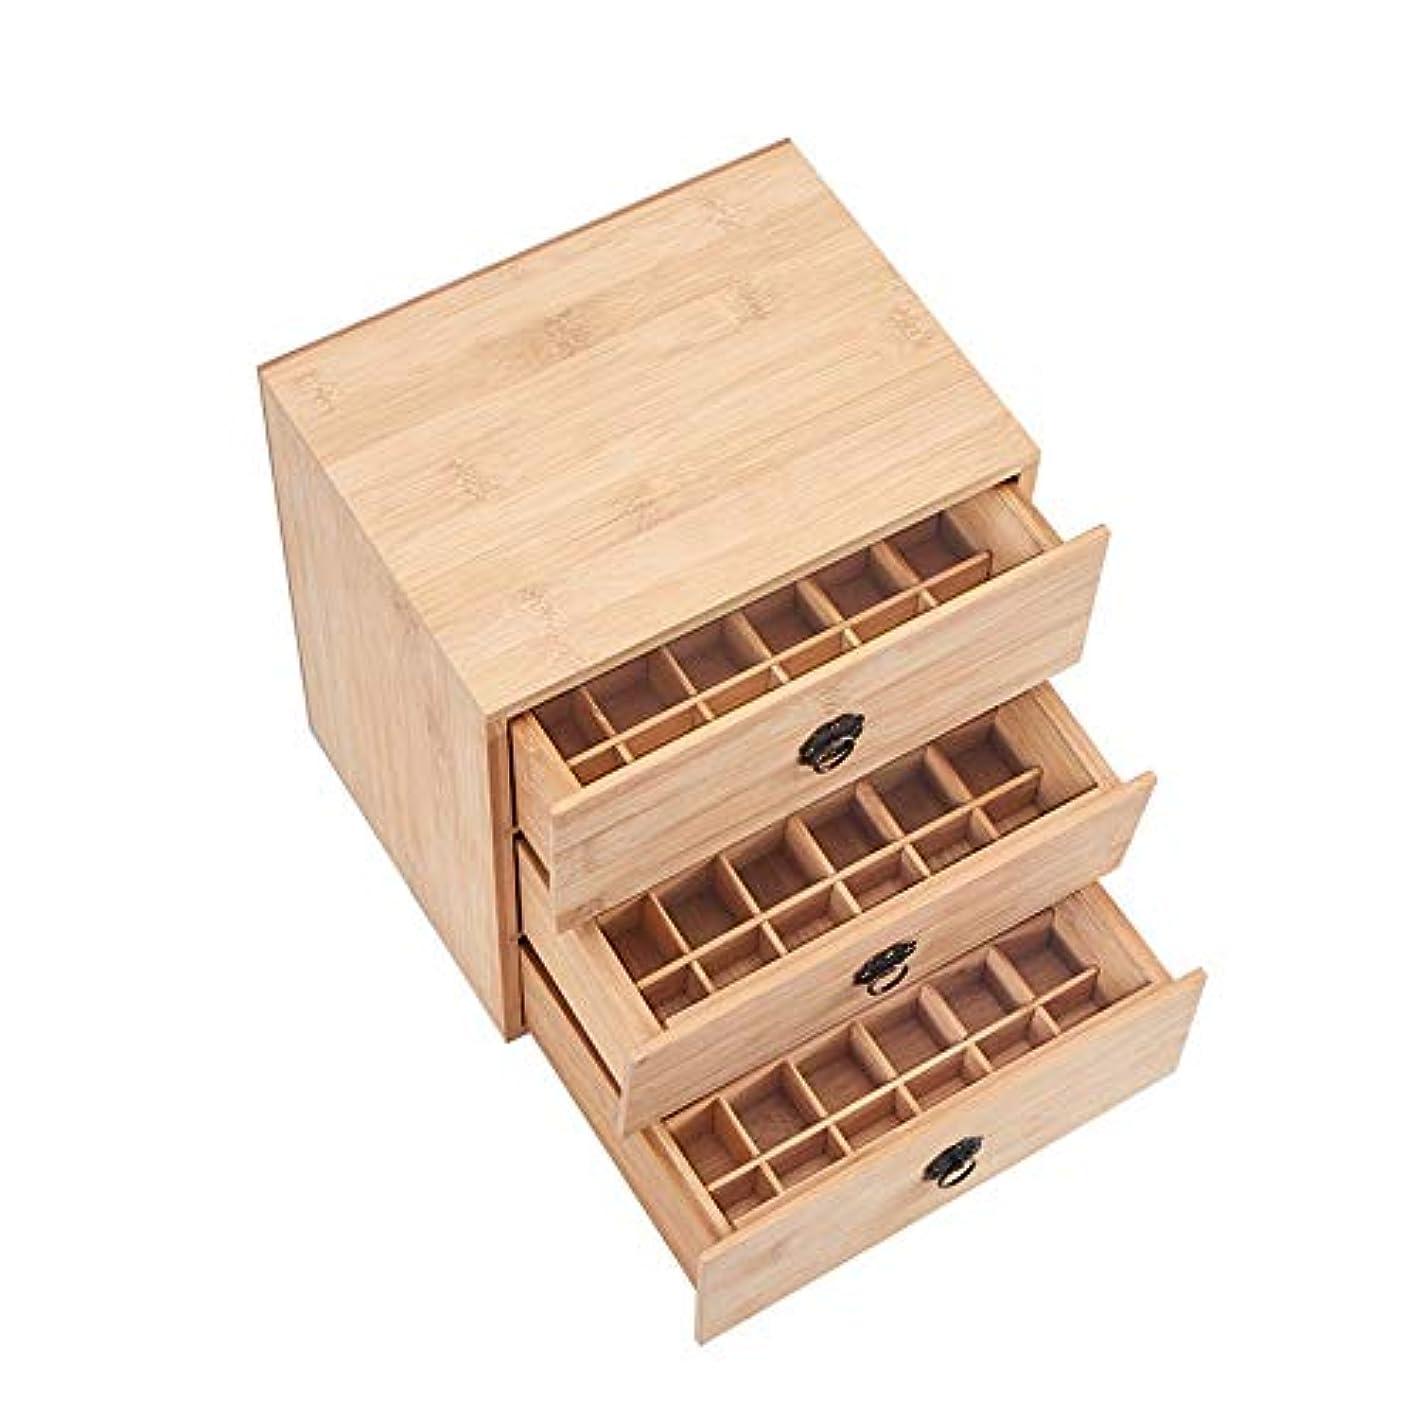 義務づけるピュー凝縮するアロマセラピー収納ボックス レイヤ3 15/10/5ミリリットルボトル入りの天然の竹木のオイルボックス90個のスロット エッセンシャルオイル収納ボックス (色 : Natural, サイズ : 24.5X20X26CM)